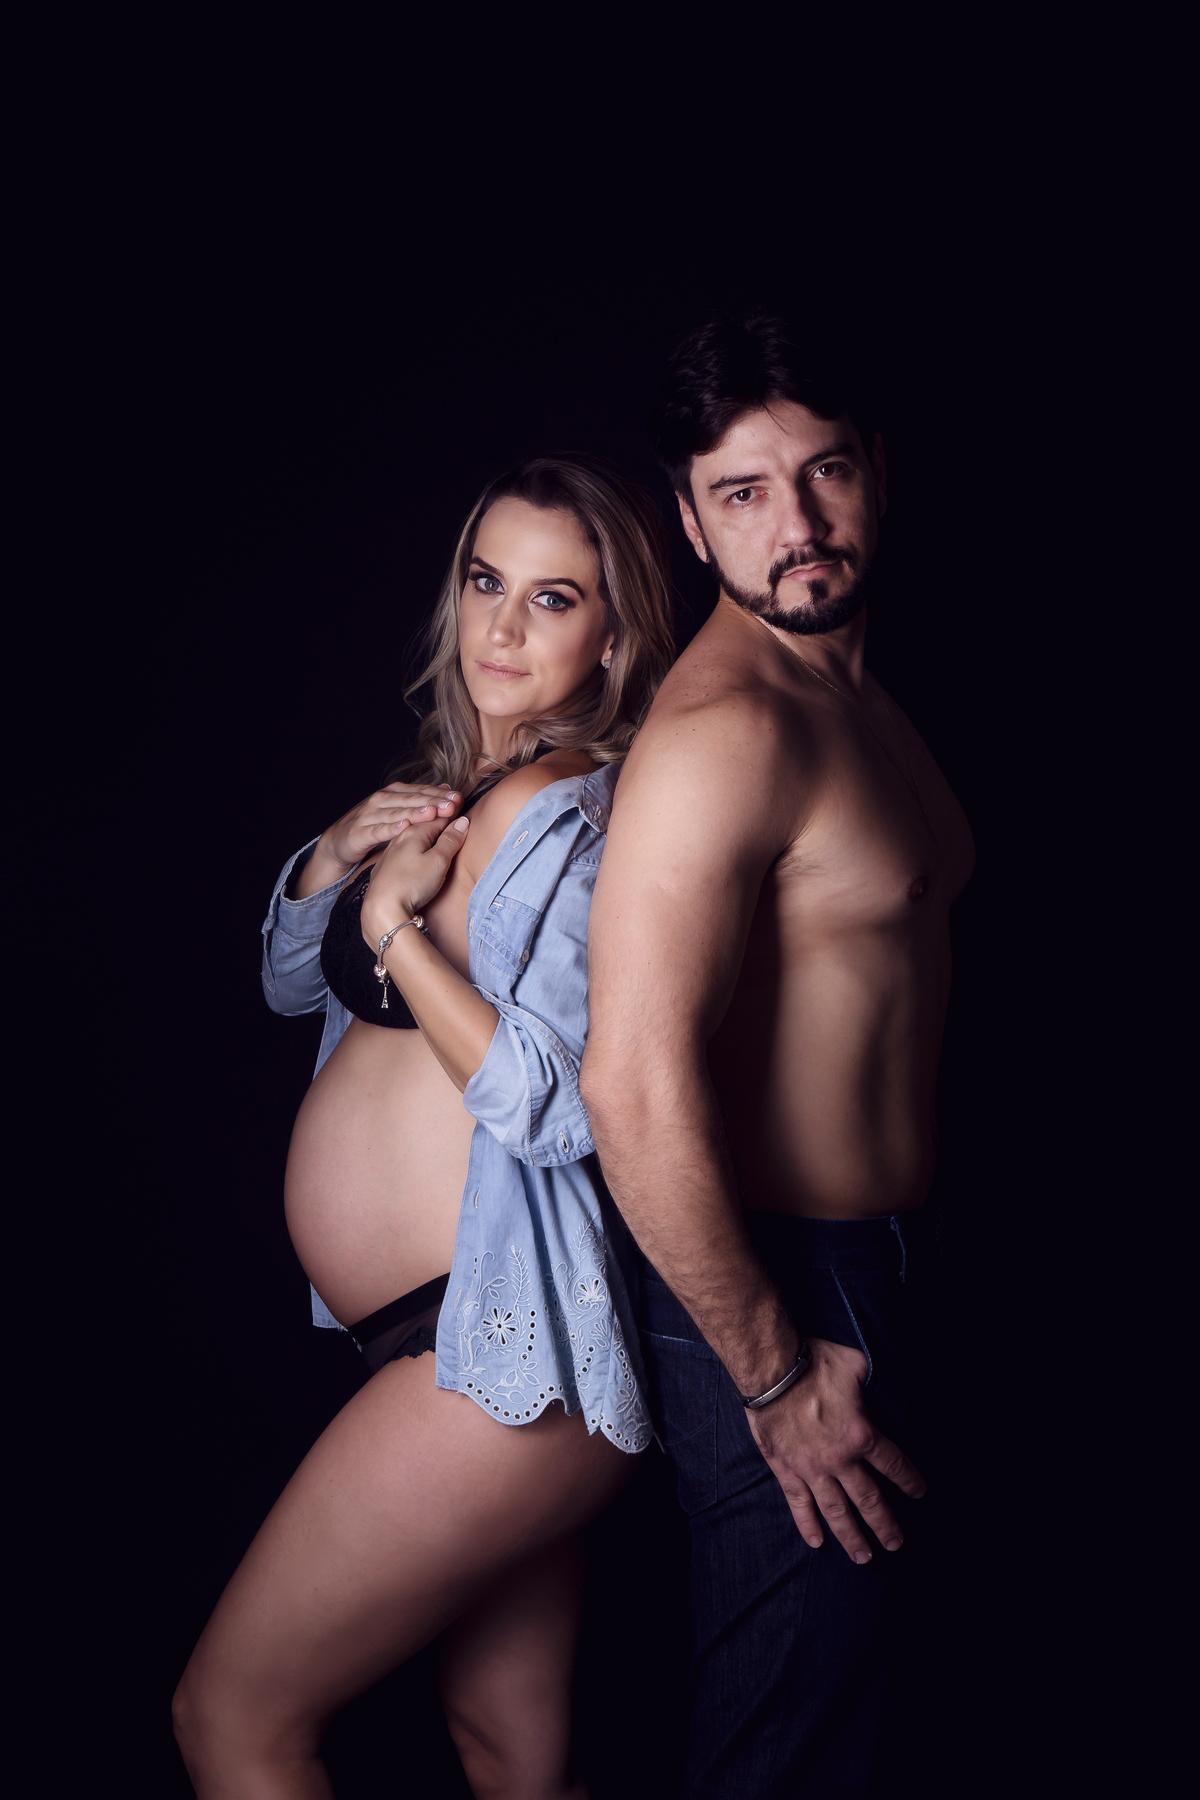 Fotografia de familia em ensaio gestante estpudio fundo infinito Brasilia àguas Claras